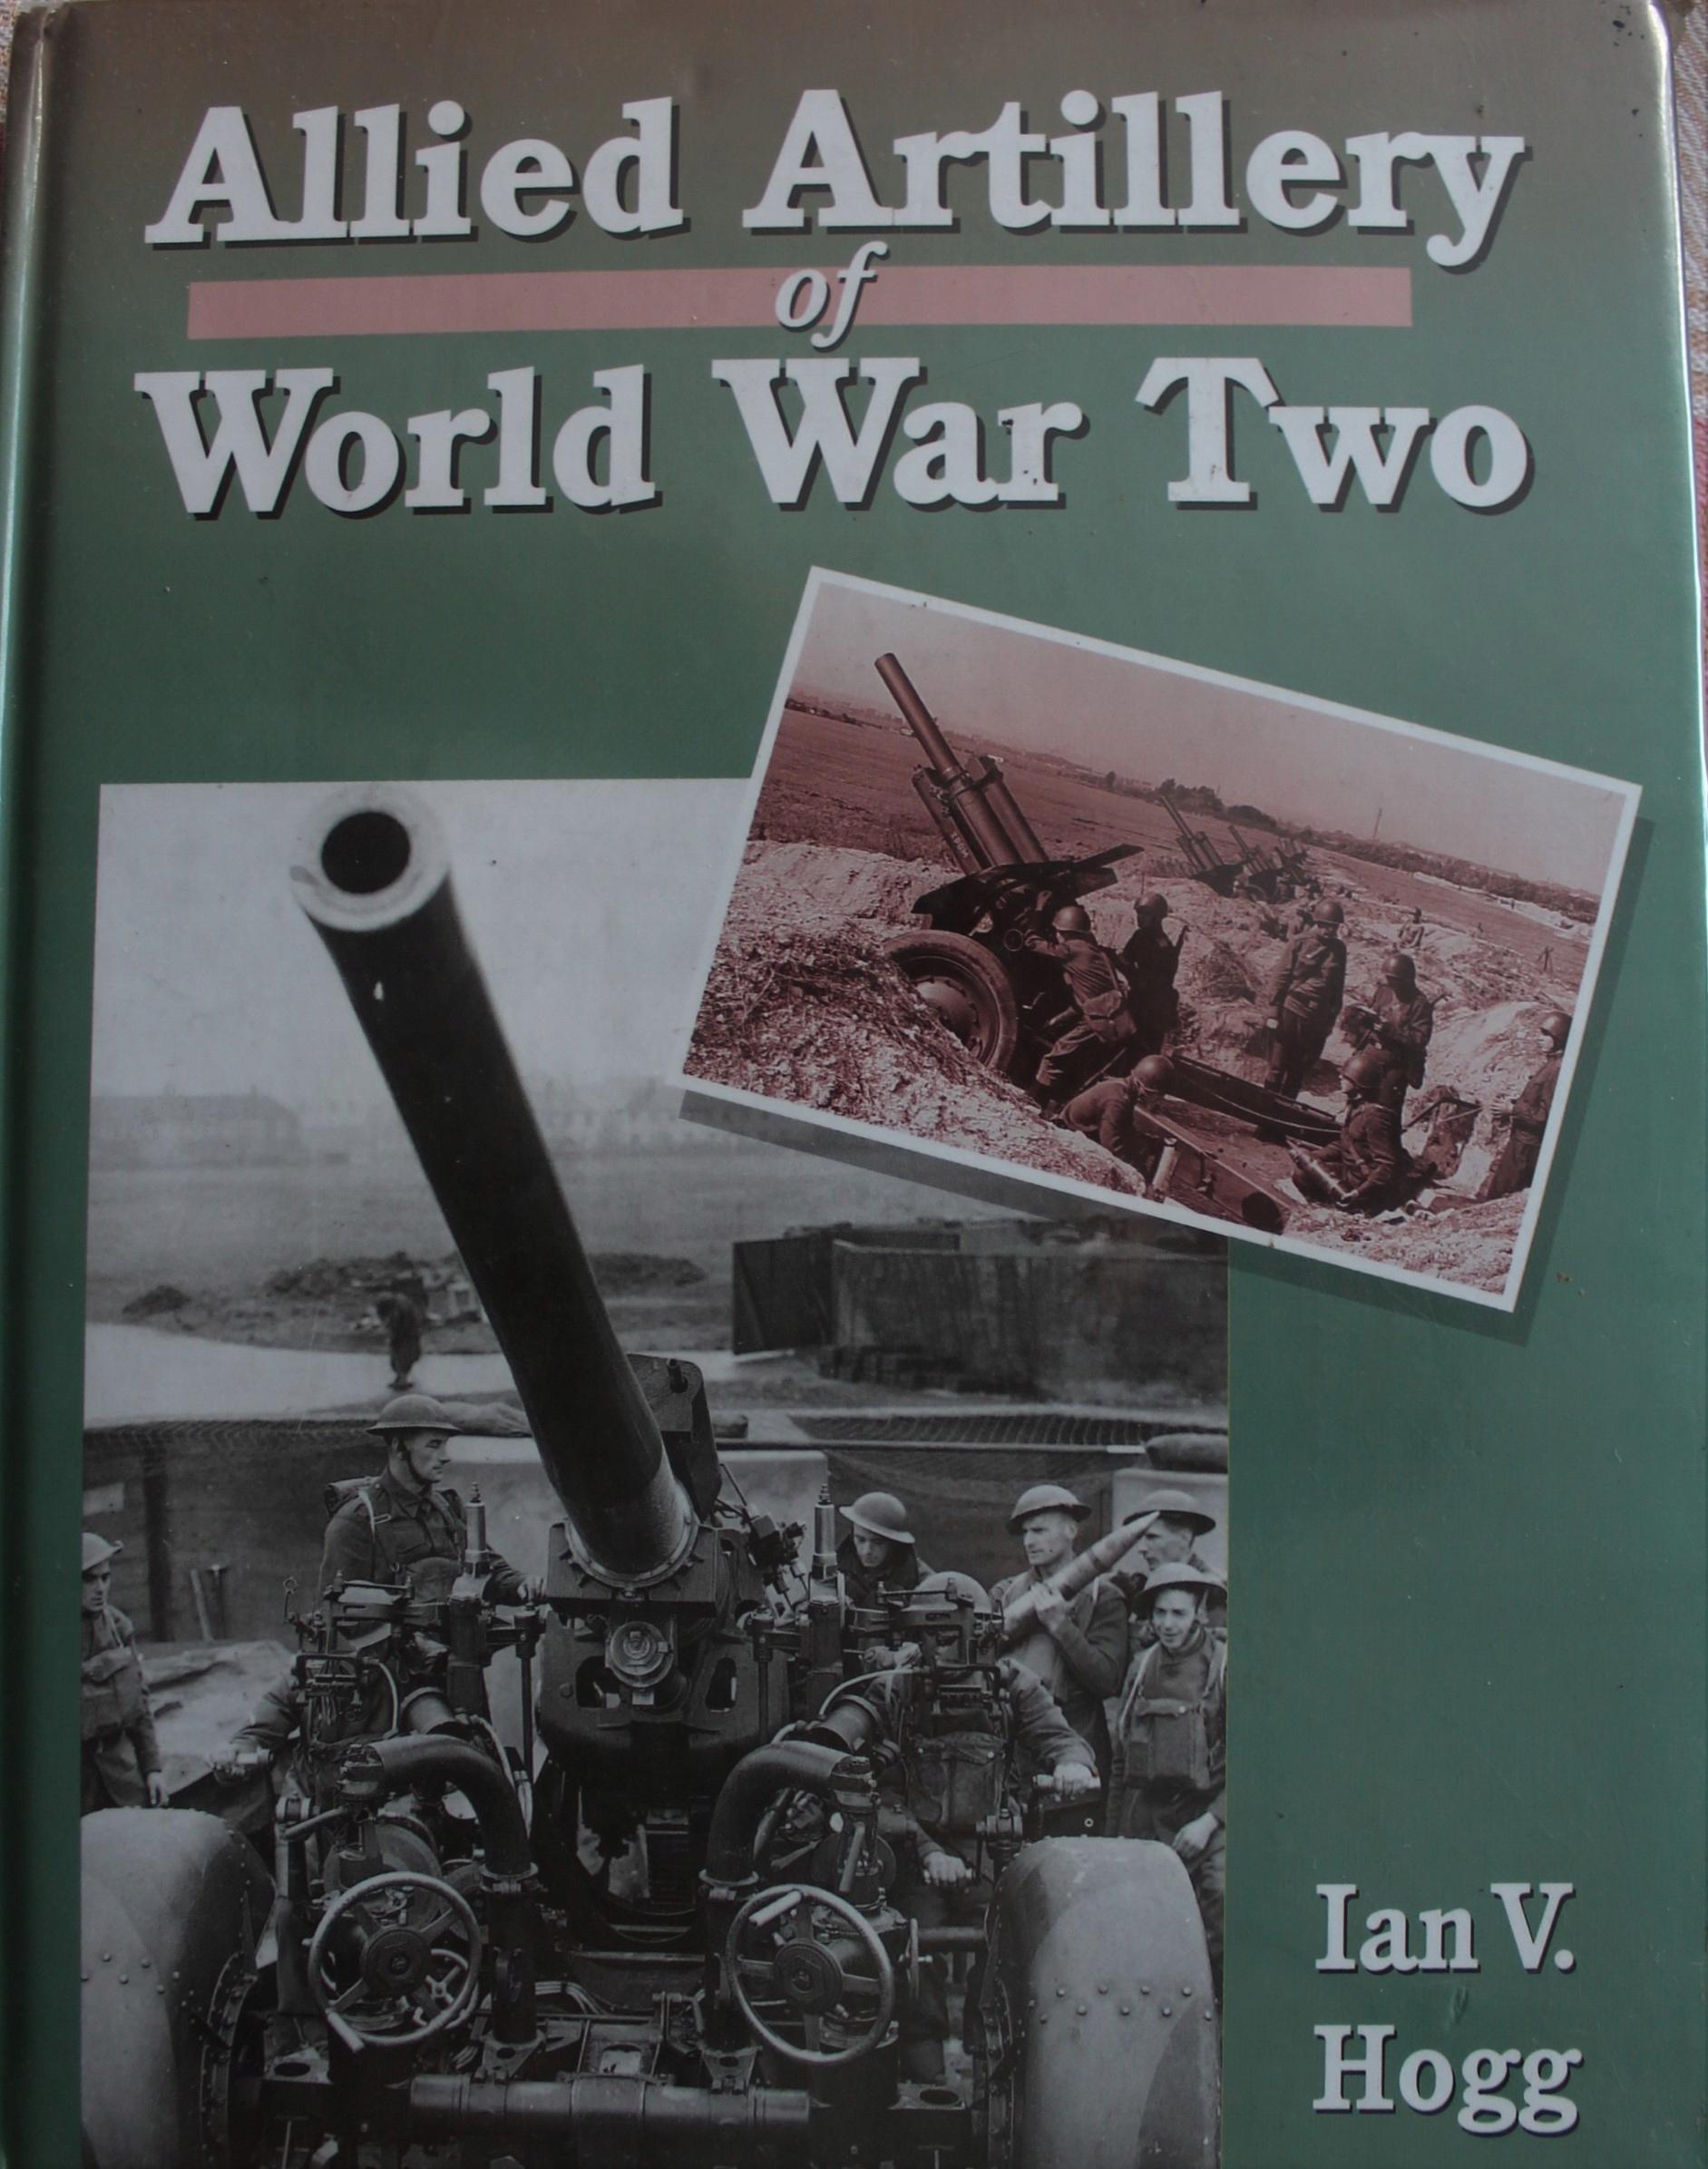 Allied Artillery of Wirld War Two